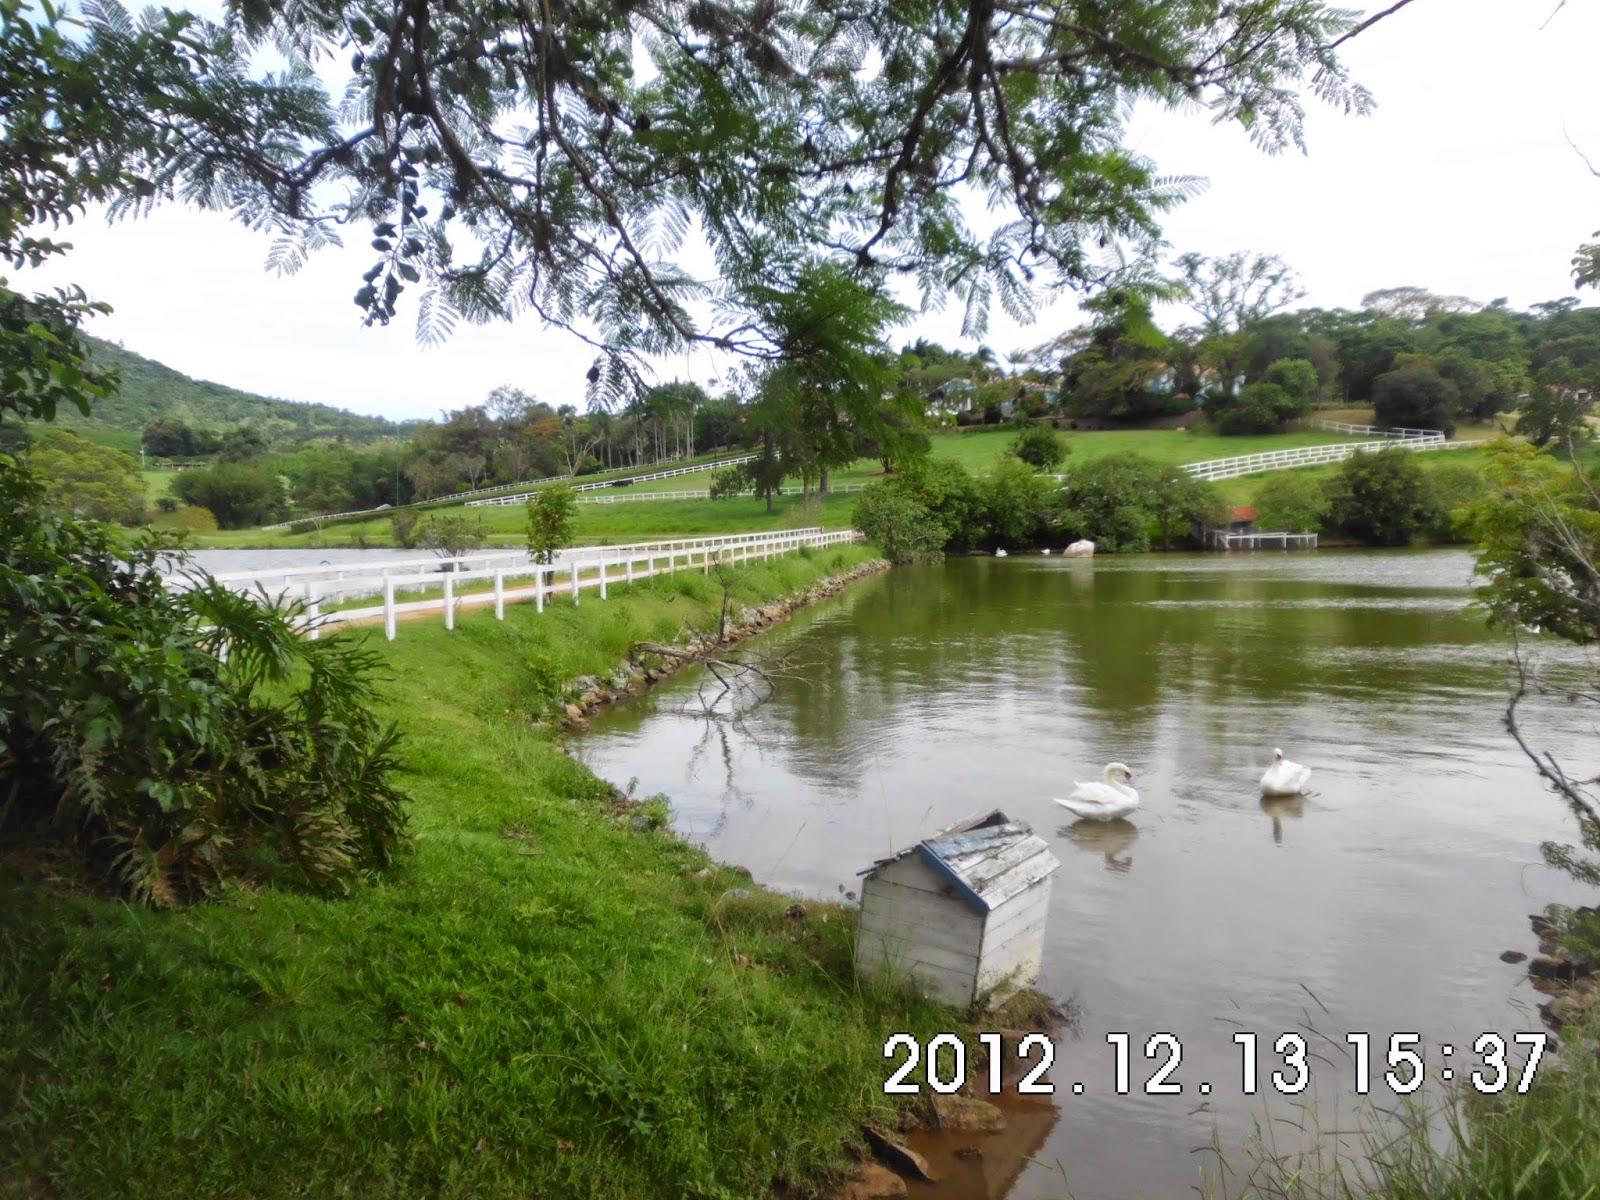 Construção de lagos e embelezamento de lagos com muros de pedra, os piquetes dos cavalos em volta e a execução do paisagismo.